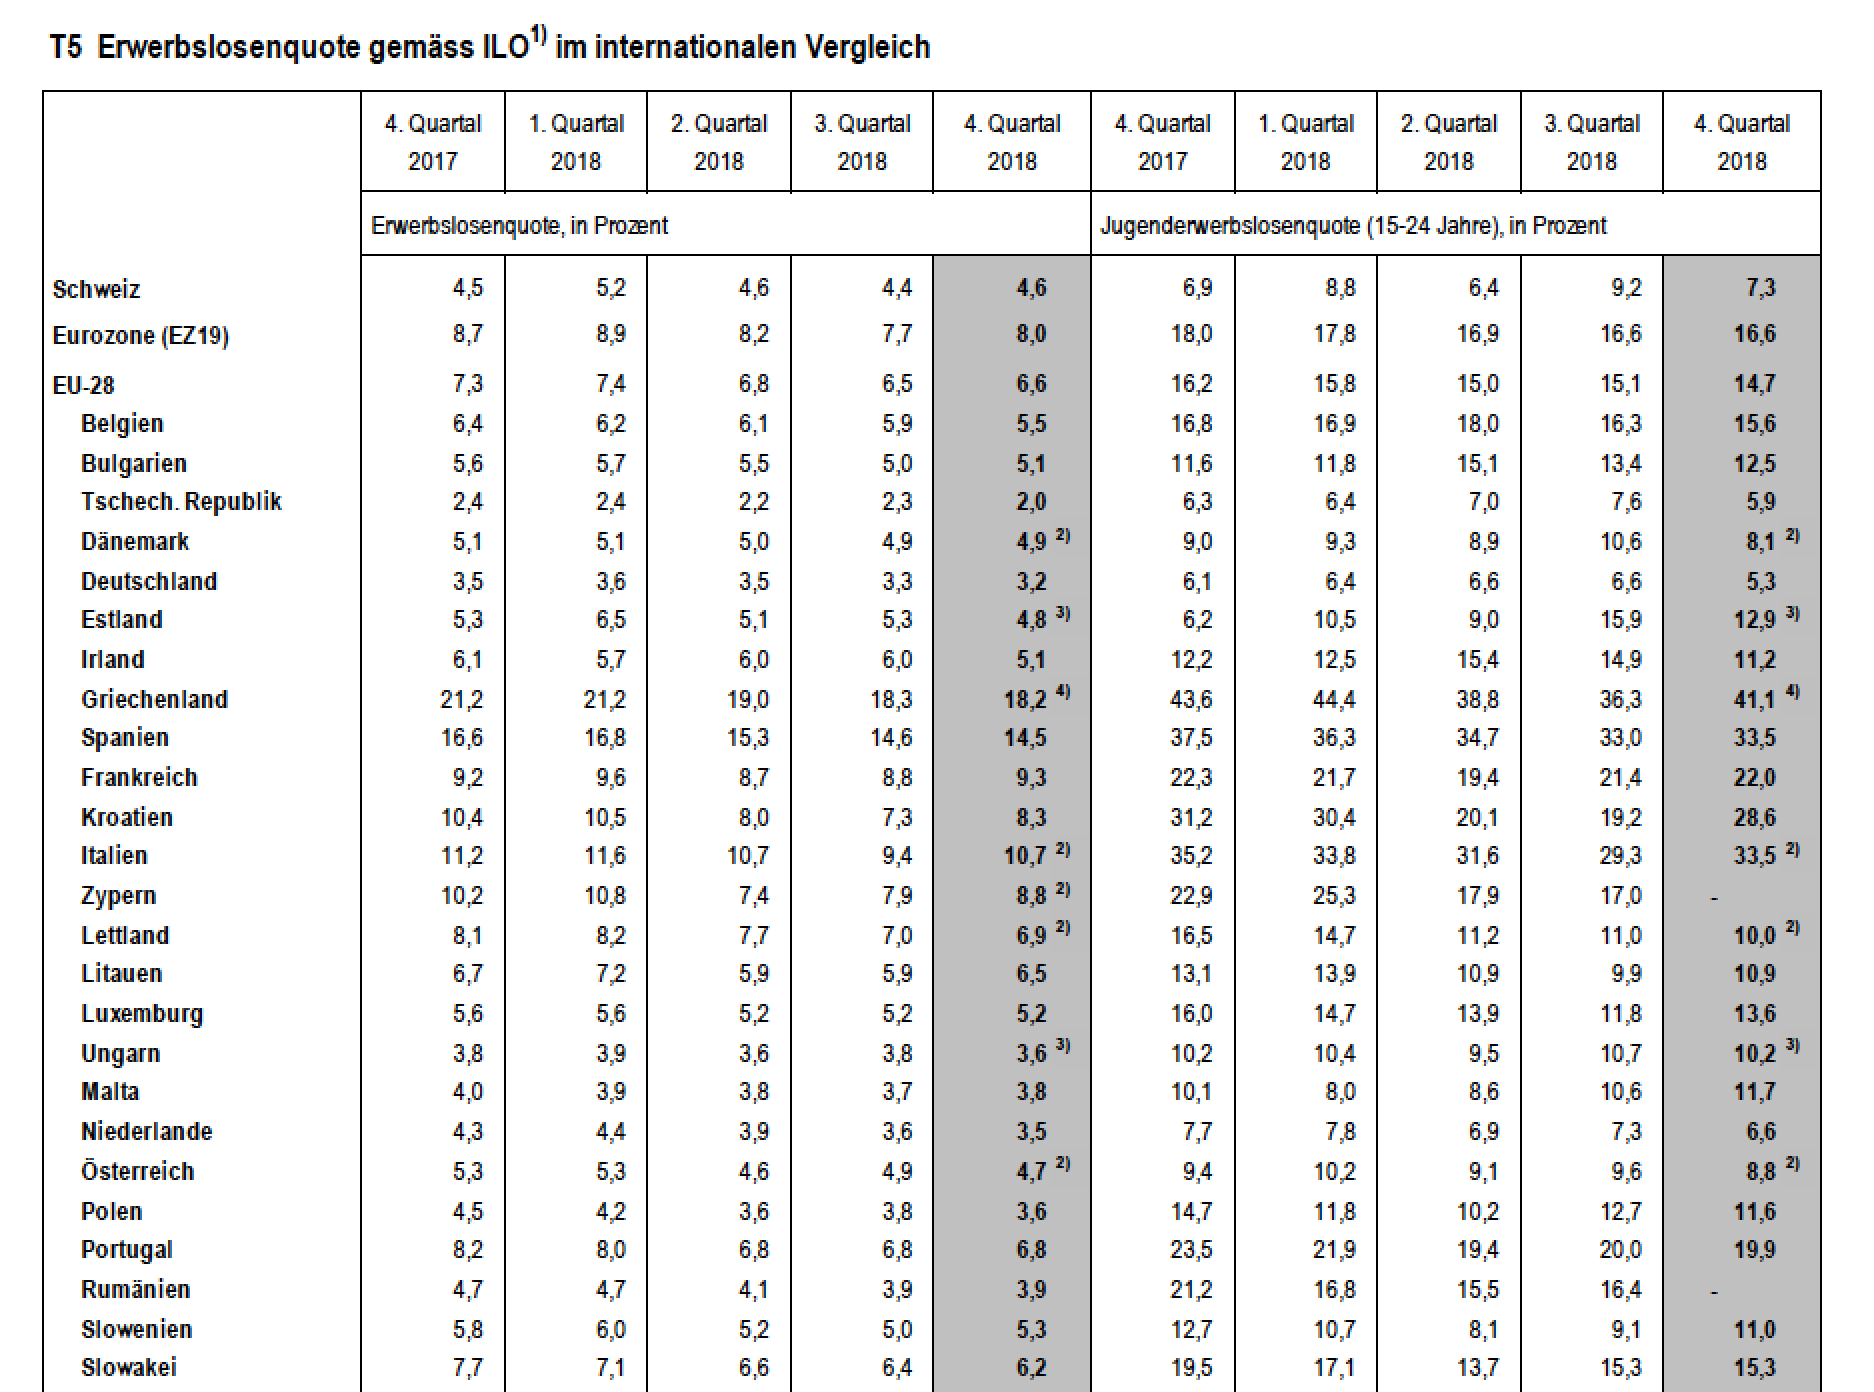 Erwerbslosenquote gemäss ILO